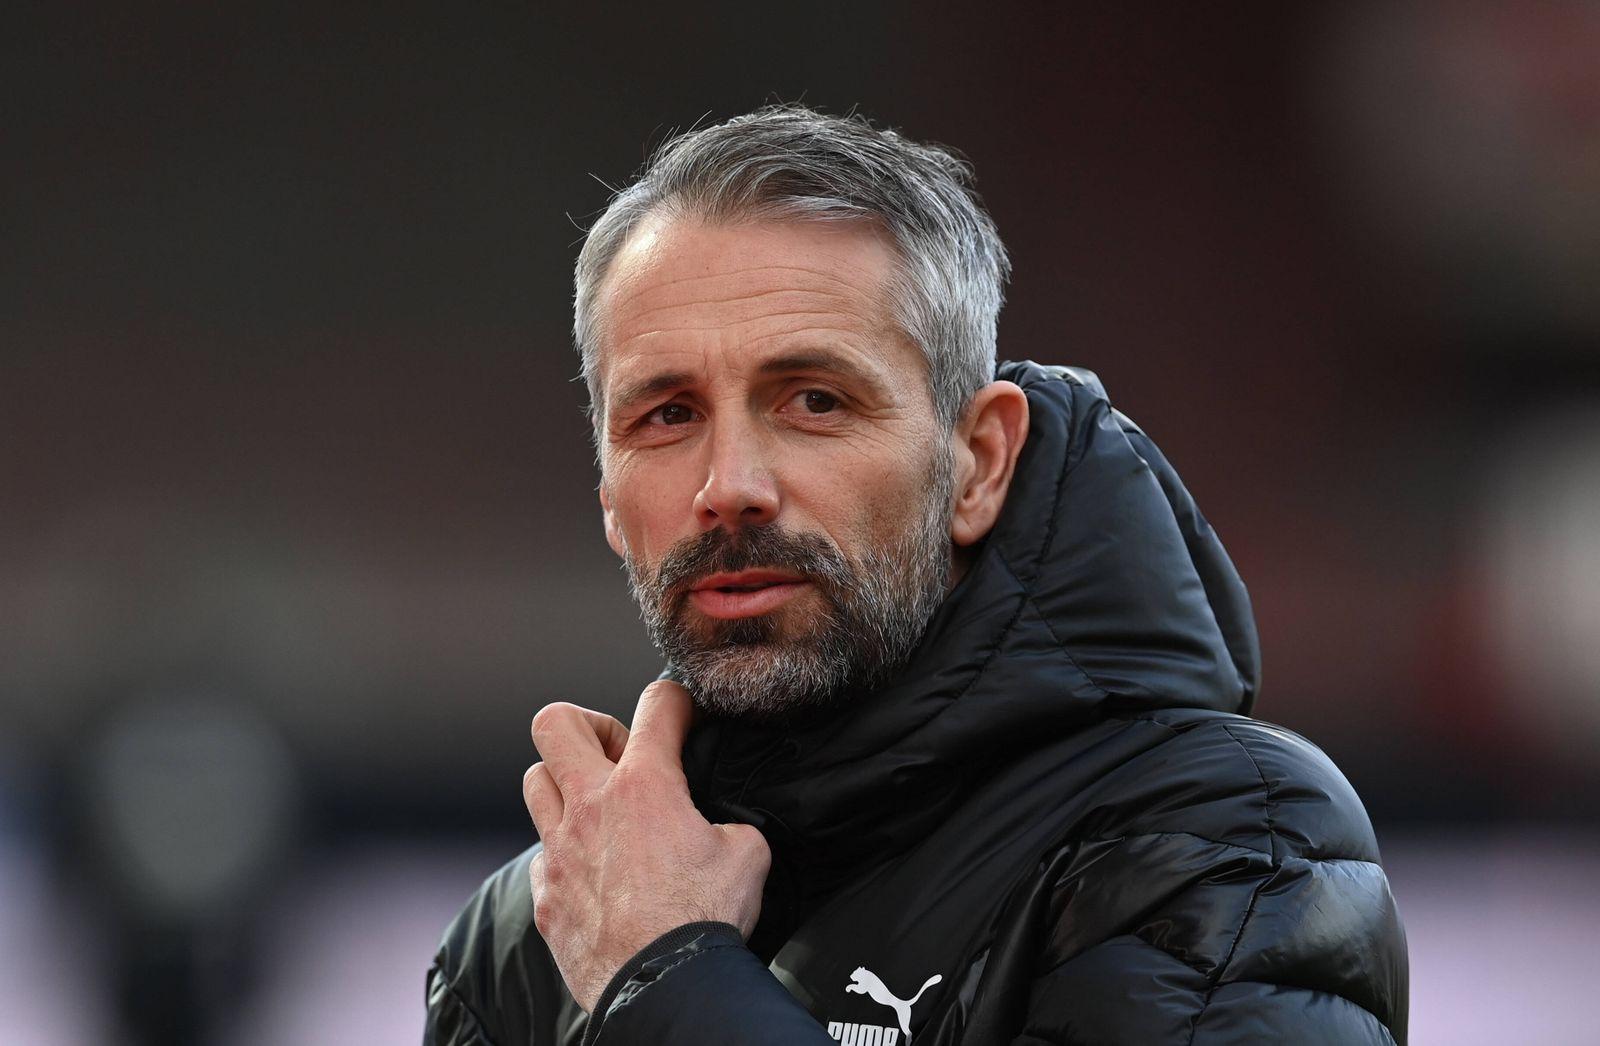 Fussball, Herren, Saison 2020/2021, 1. Bundesliga (19. Spieltag), 1. FC Union Berlin- Borussia Mönchengladbach, Trainer